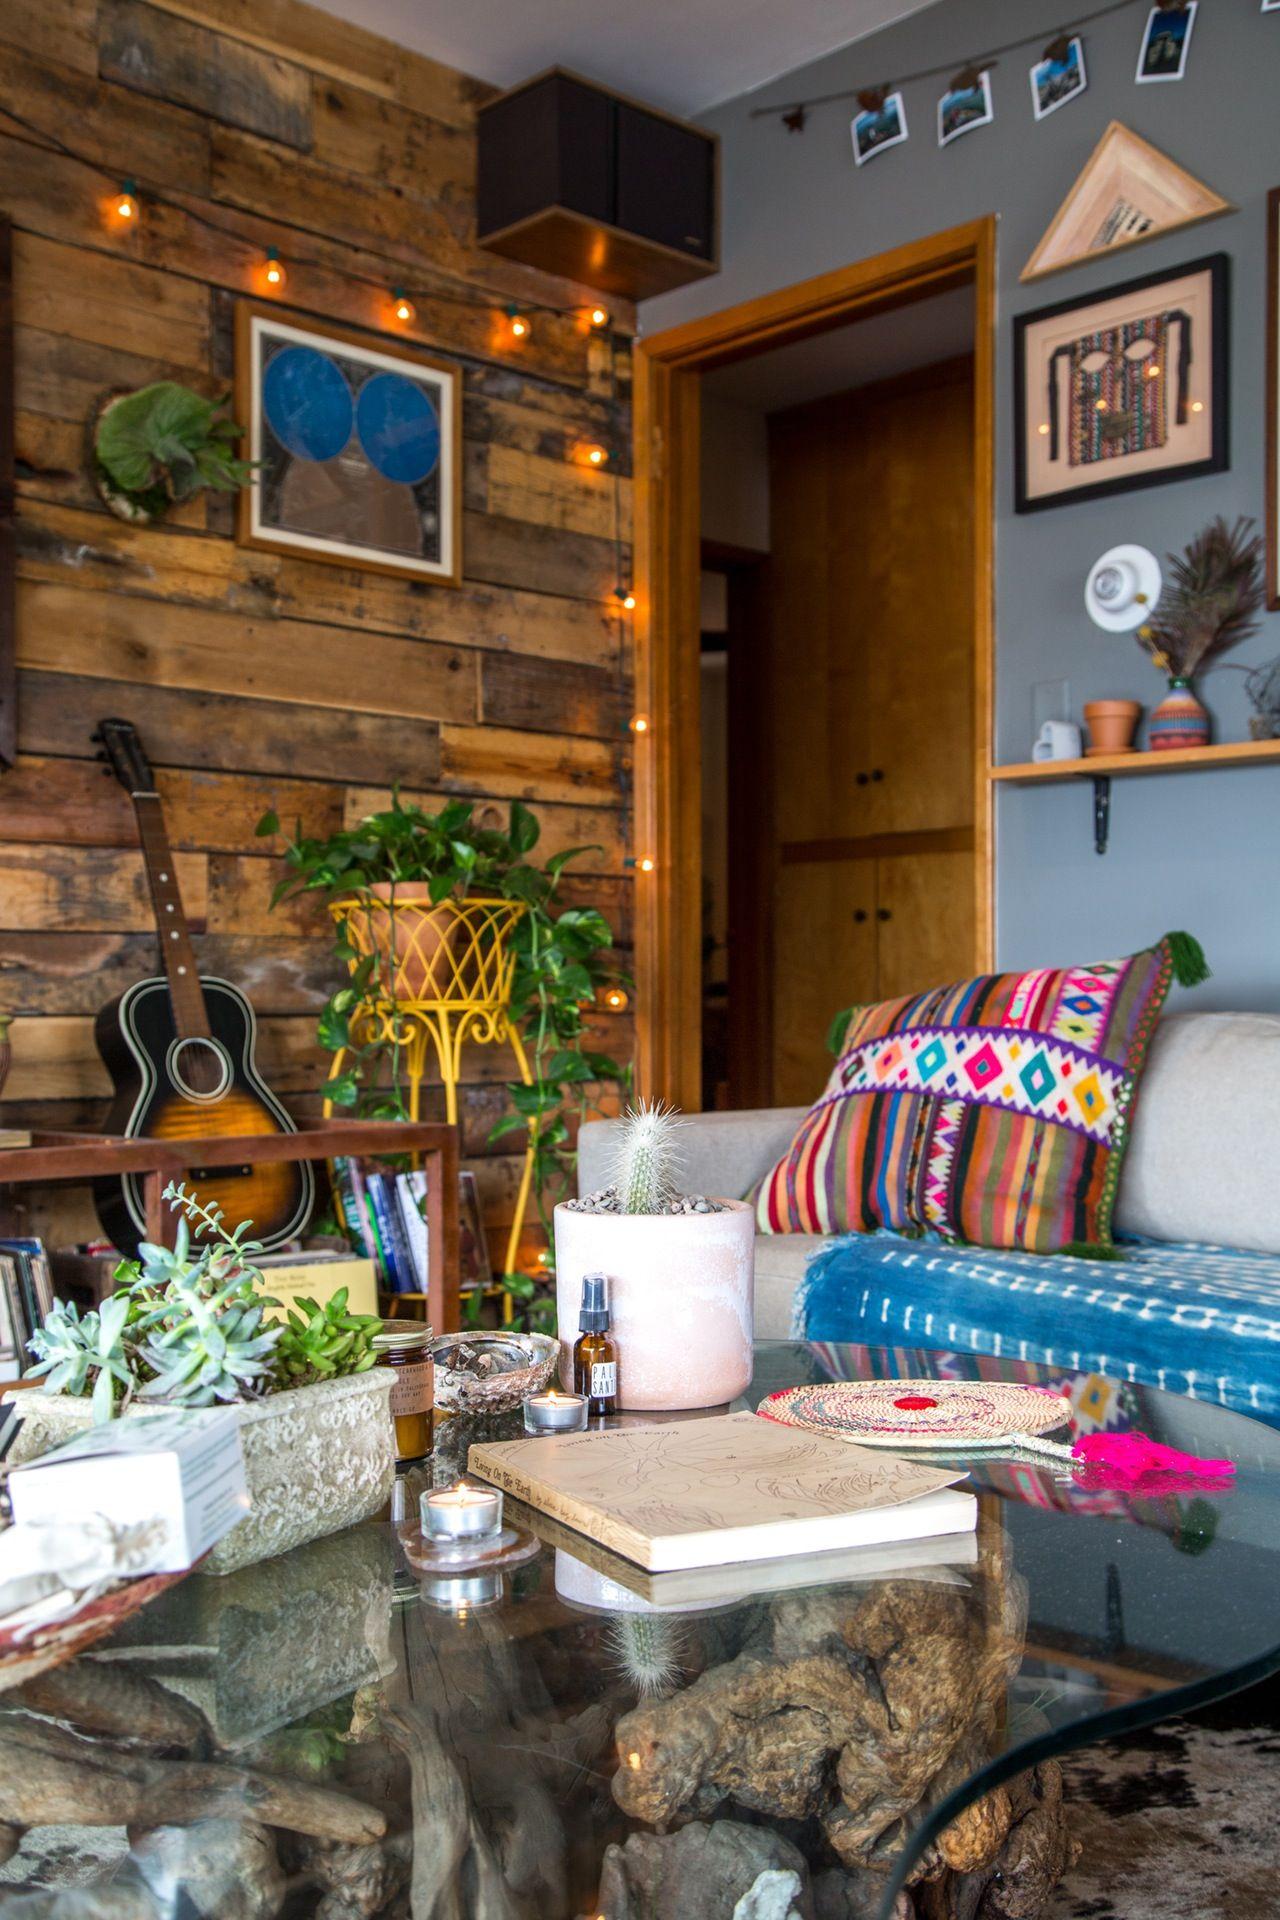 House Tour Rustic Cozy California Cabin Vibes Cabin Los  # Muebles En Lexington Ky